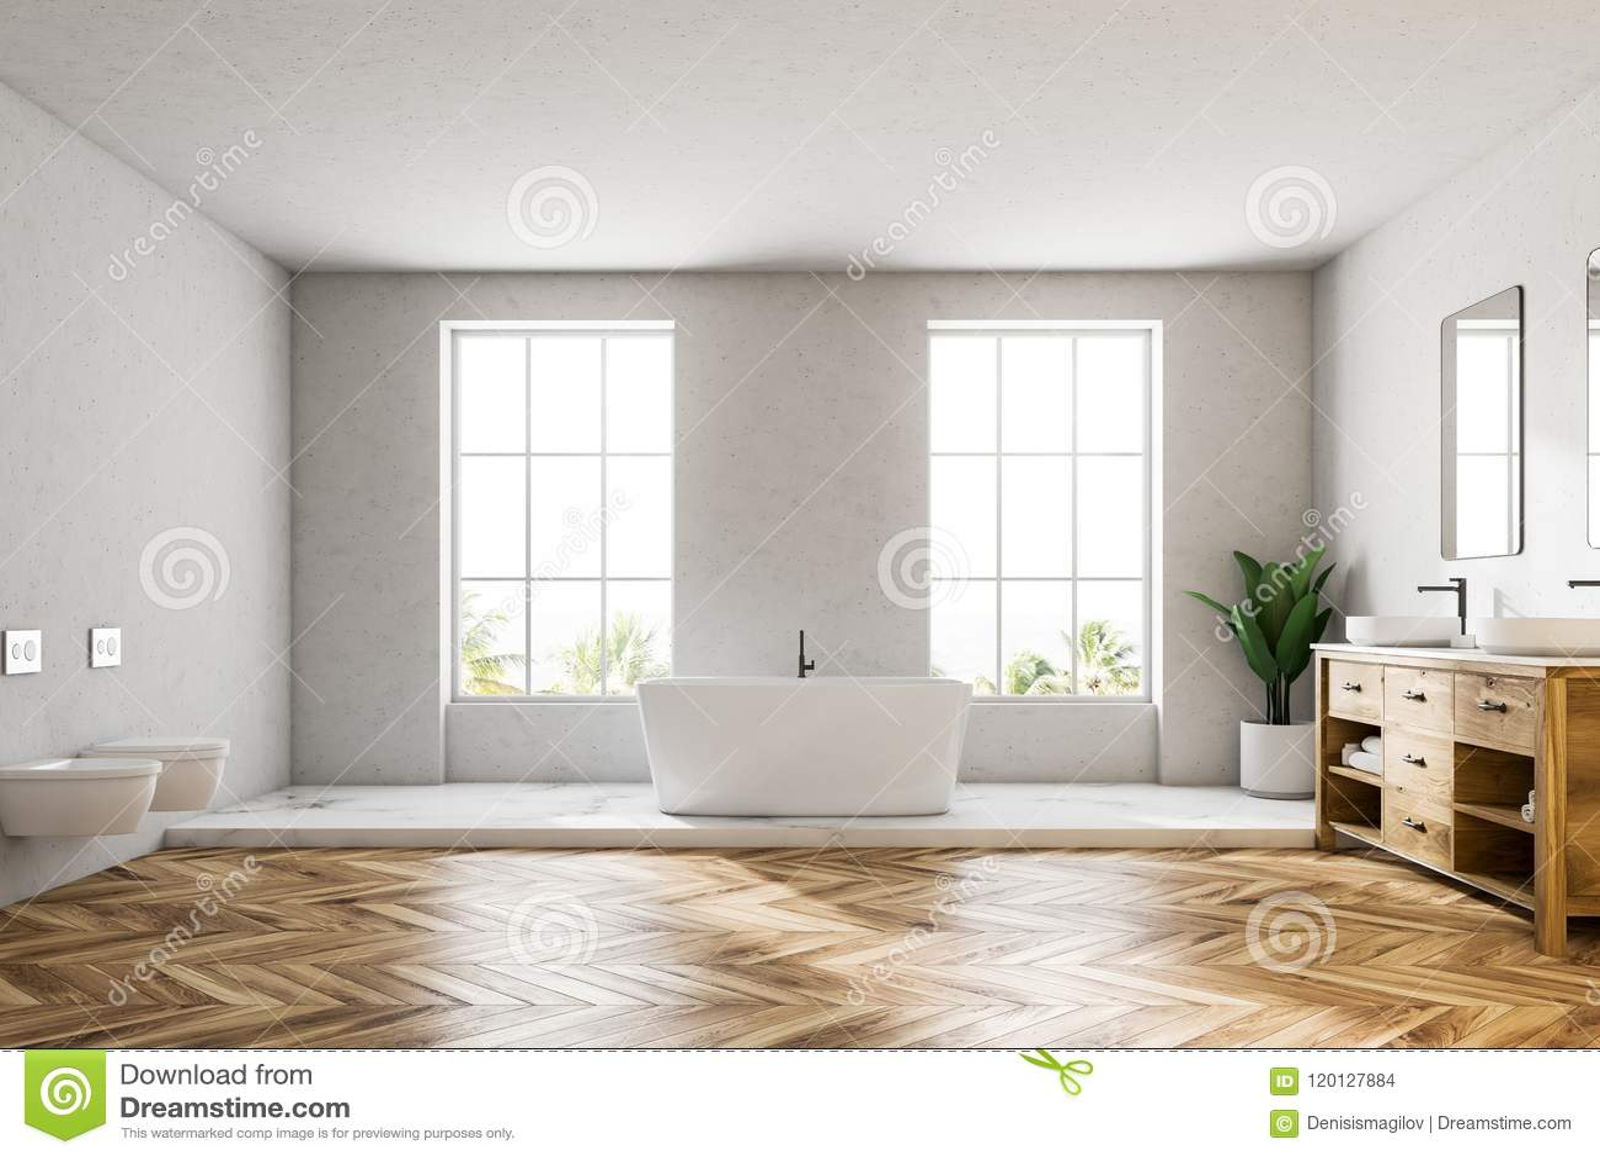 Loft El Cuarto De Baño De Lujo Blanco Interior, Tina Blanca Stock de ...